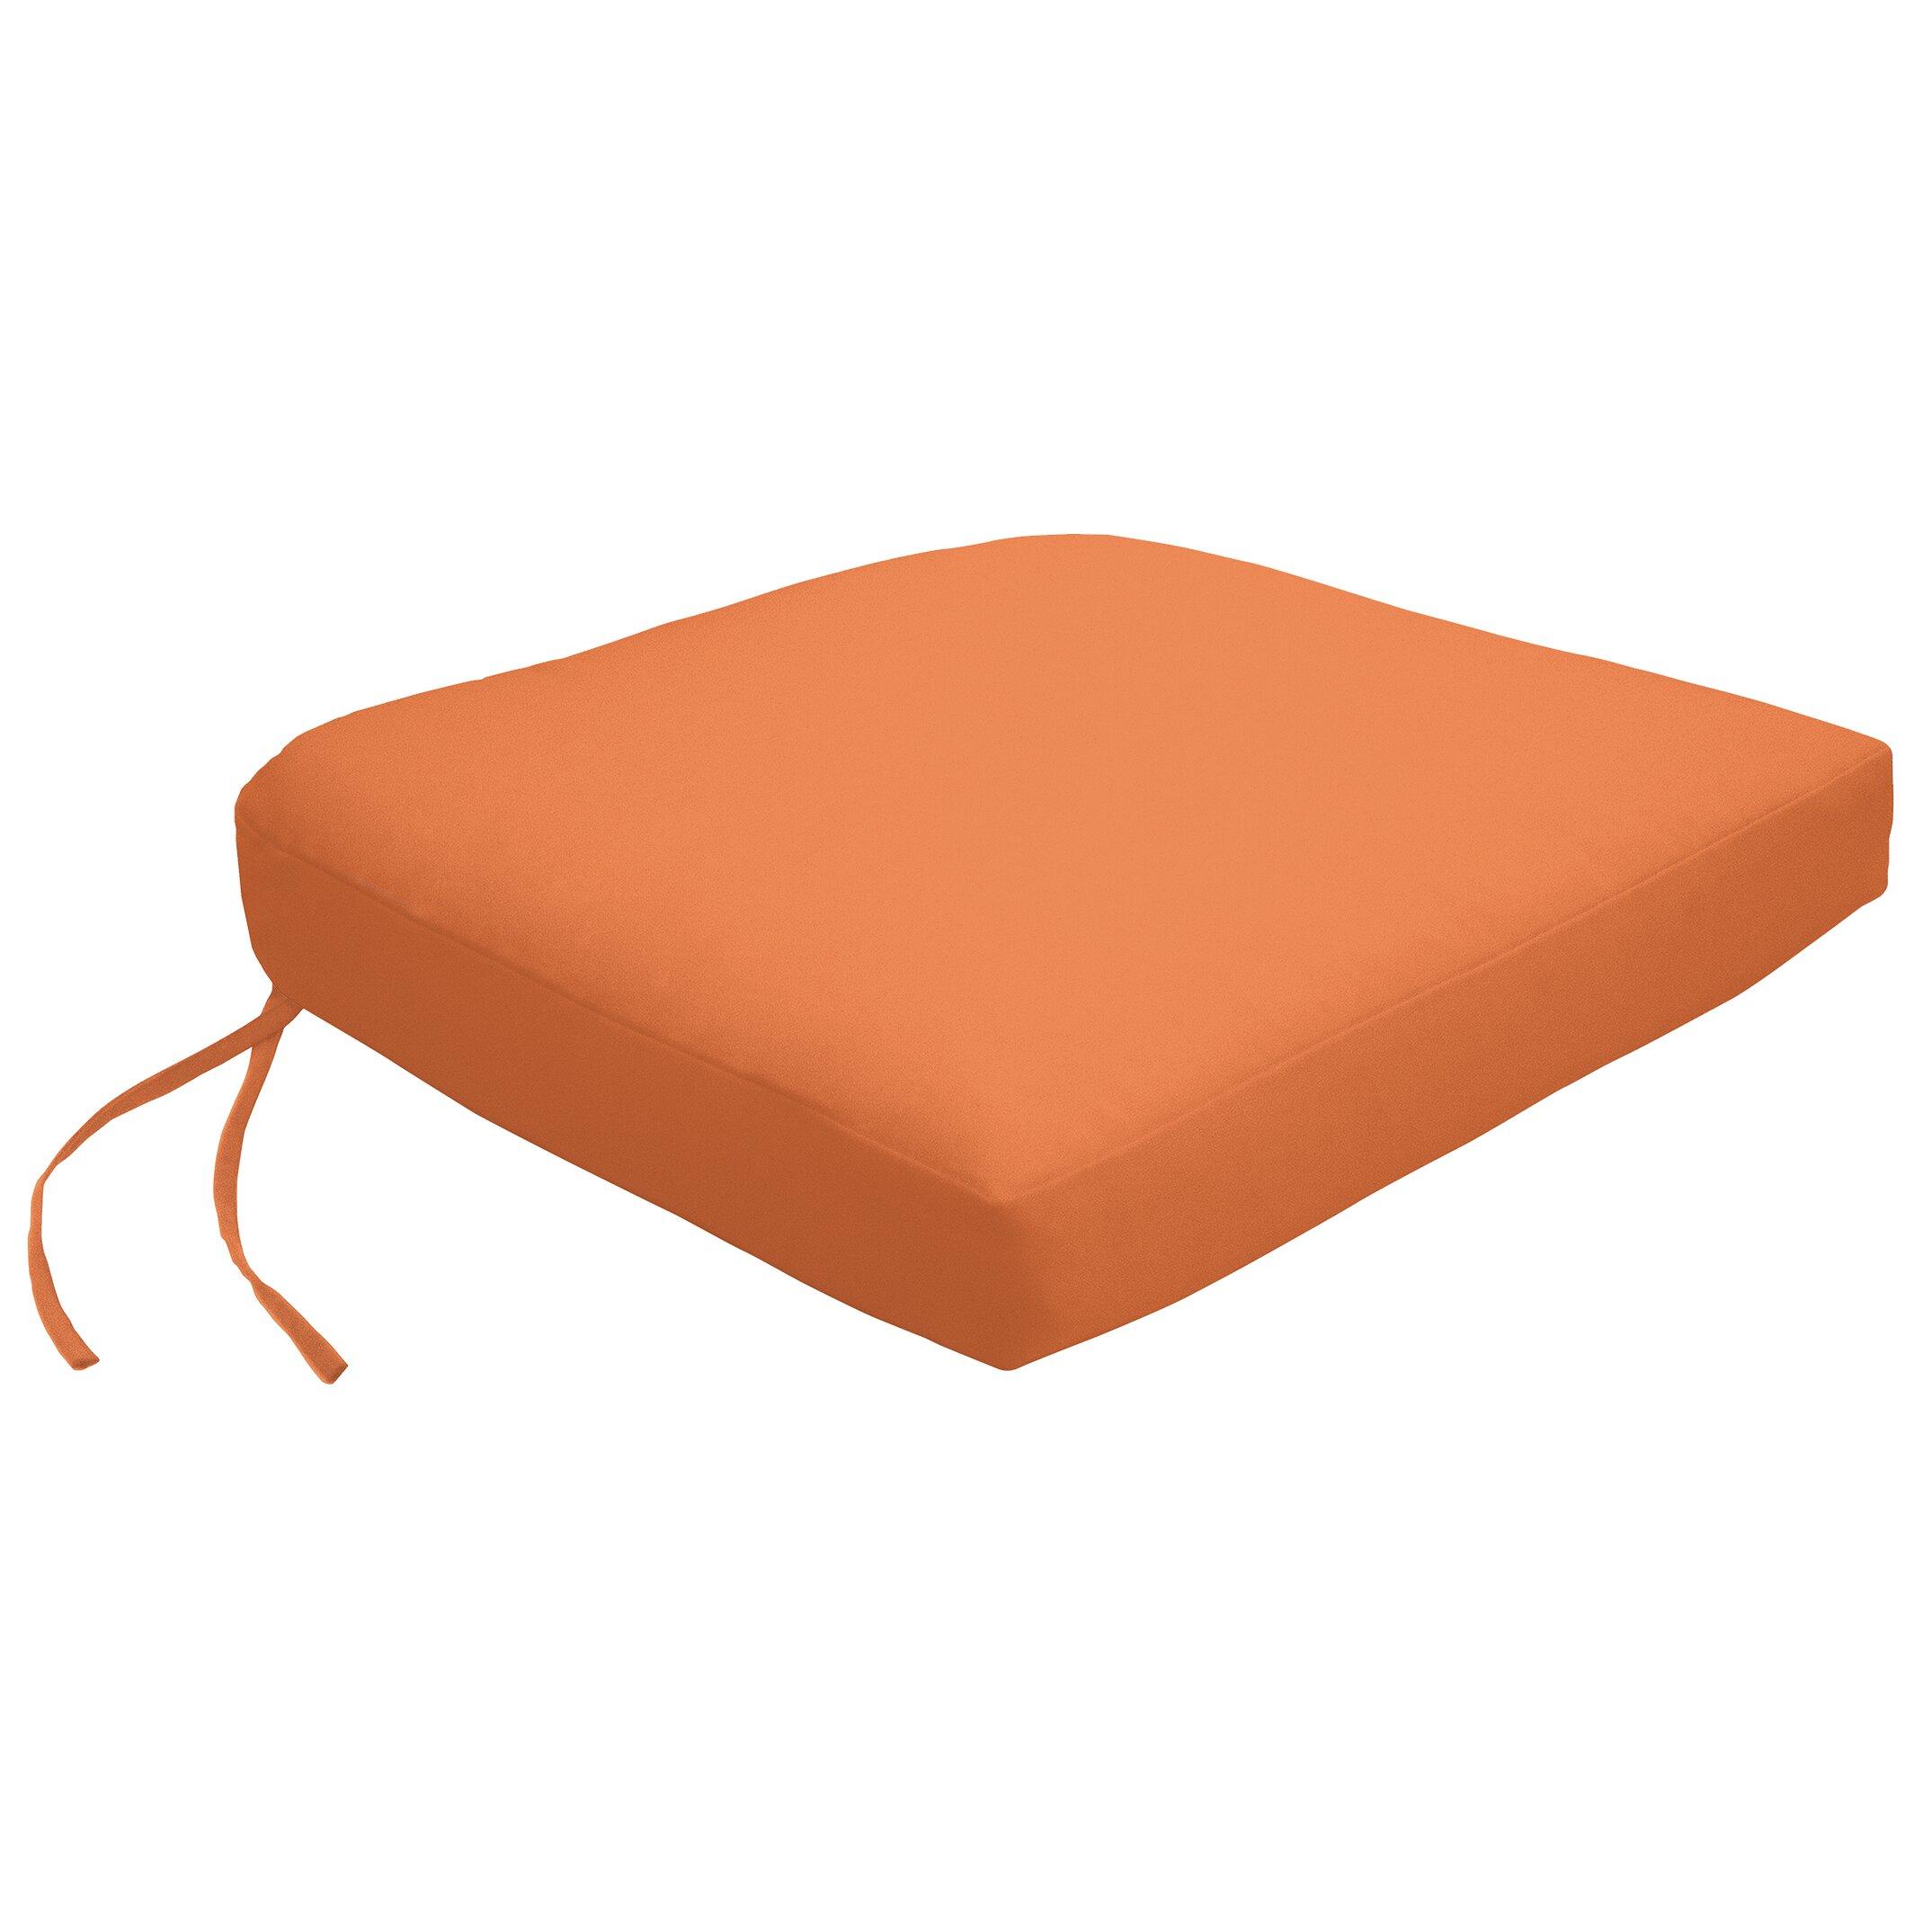 Wayfair Custom Outdoor Cushions Outdoor Contour Dining